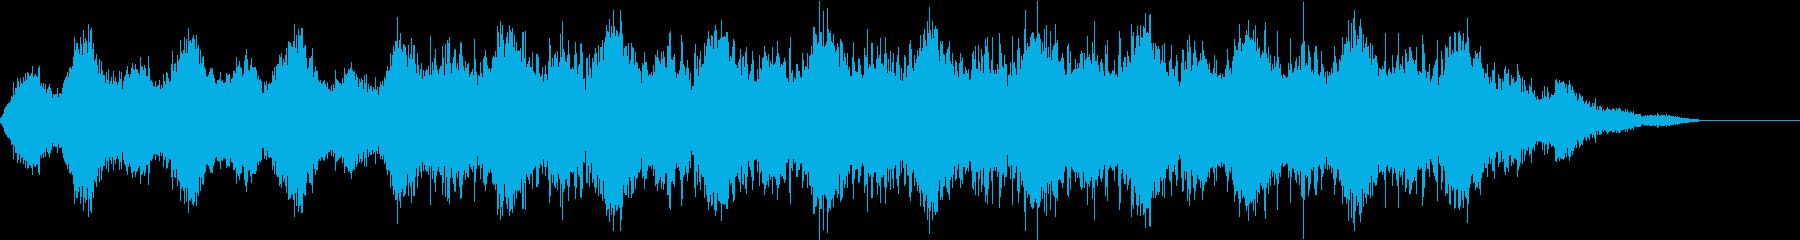 プラネタリウムなどの宇宙を感じる楽曲の再生済みの波形